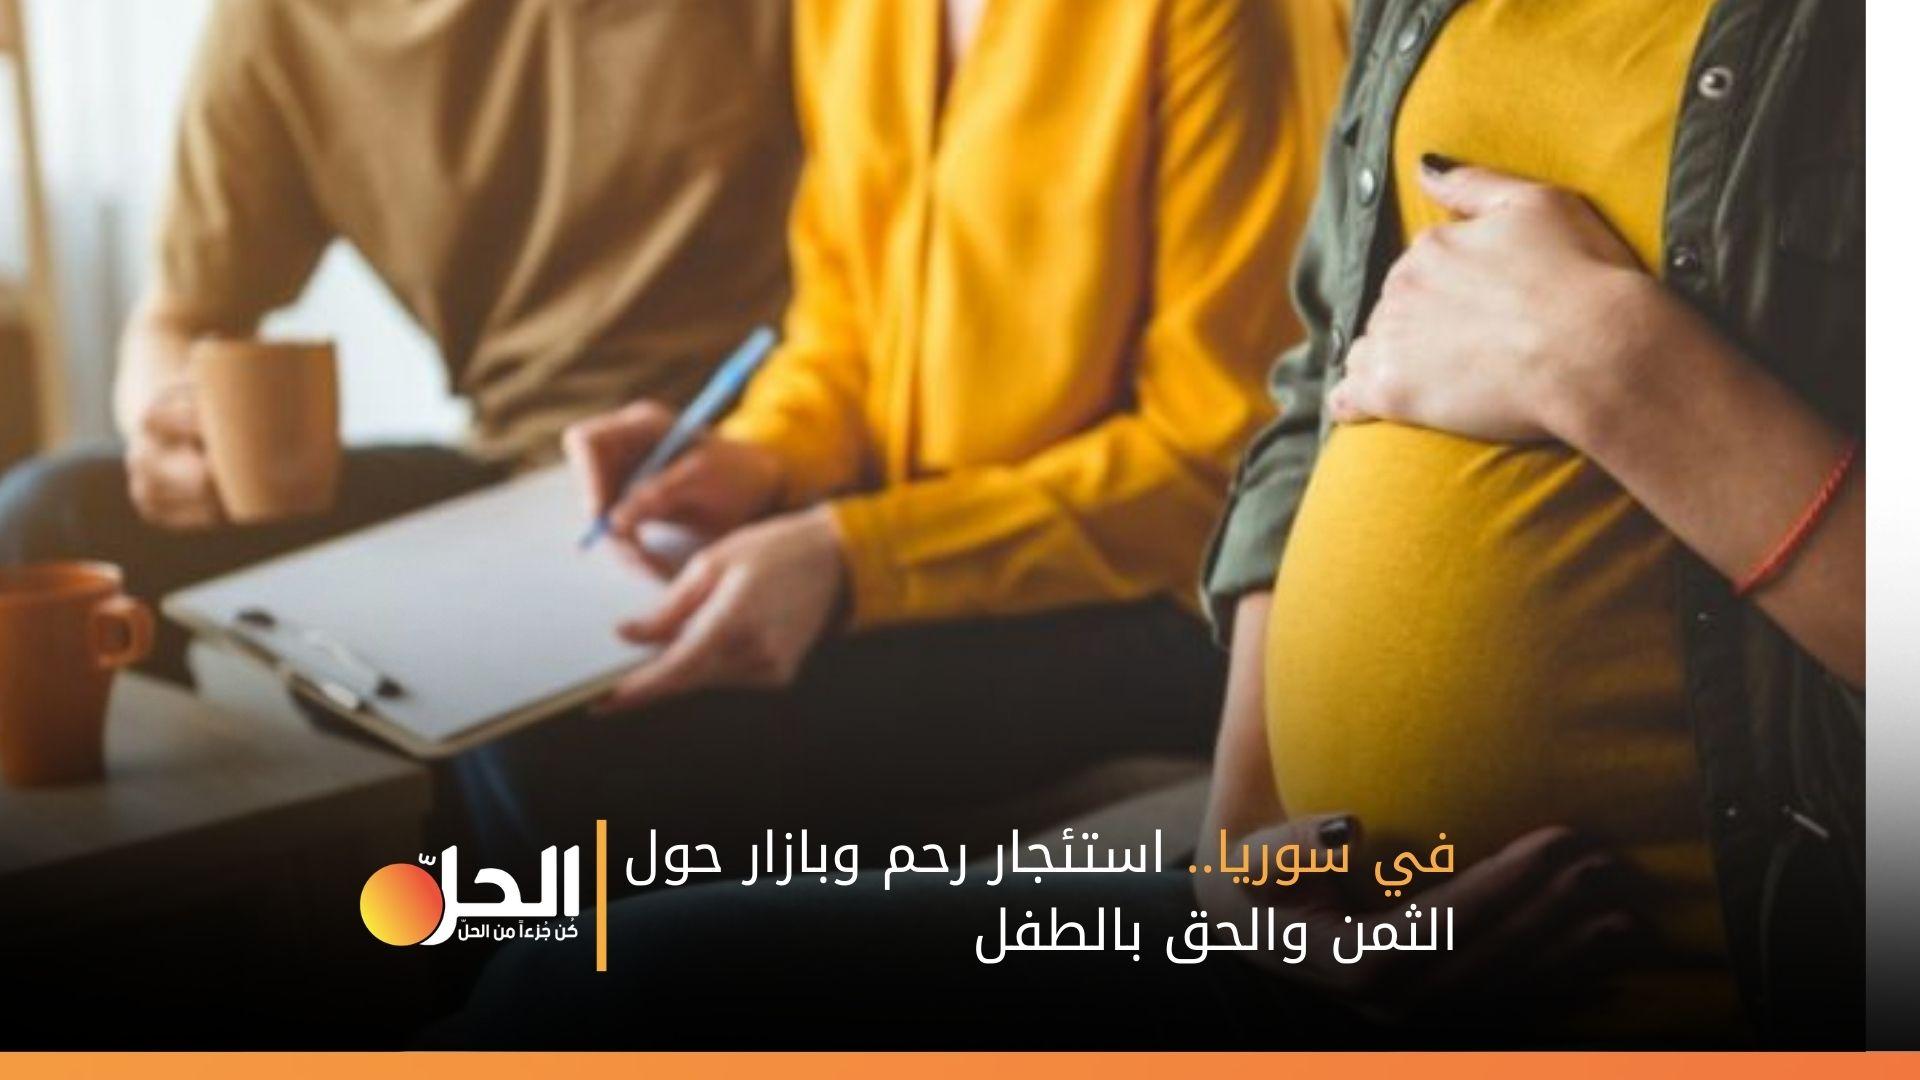 في سوريا.. استئجار رحم وبازار حول الثمن والحق بالطفل